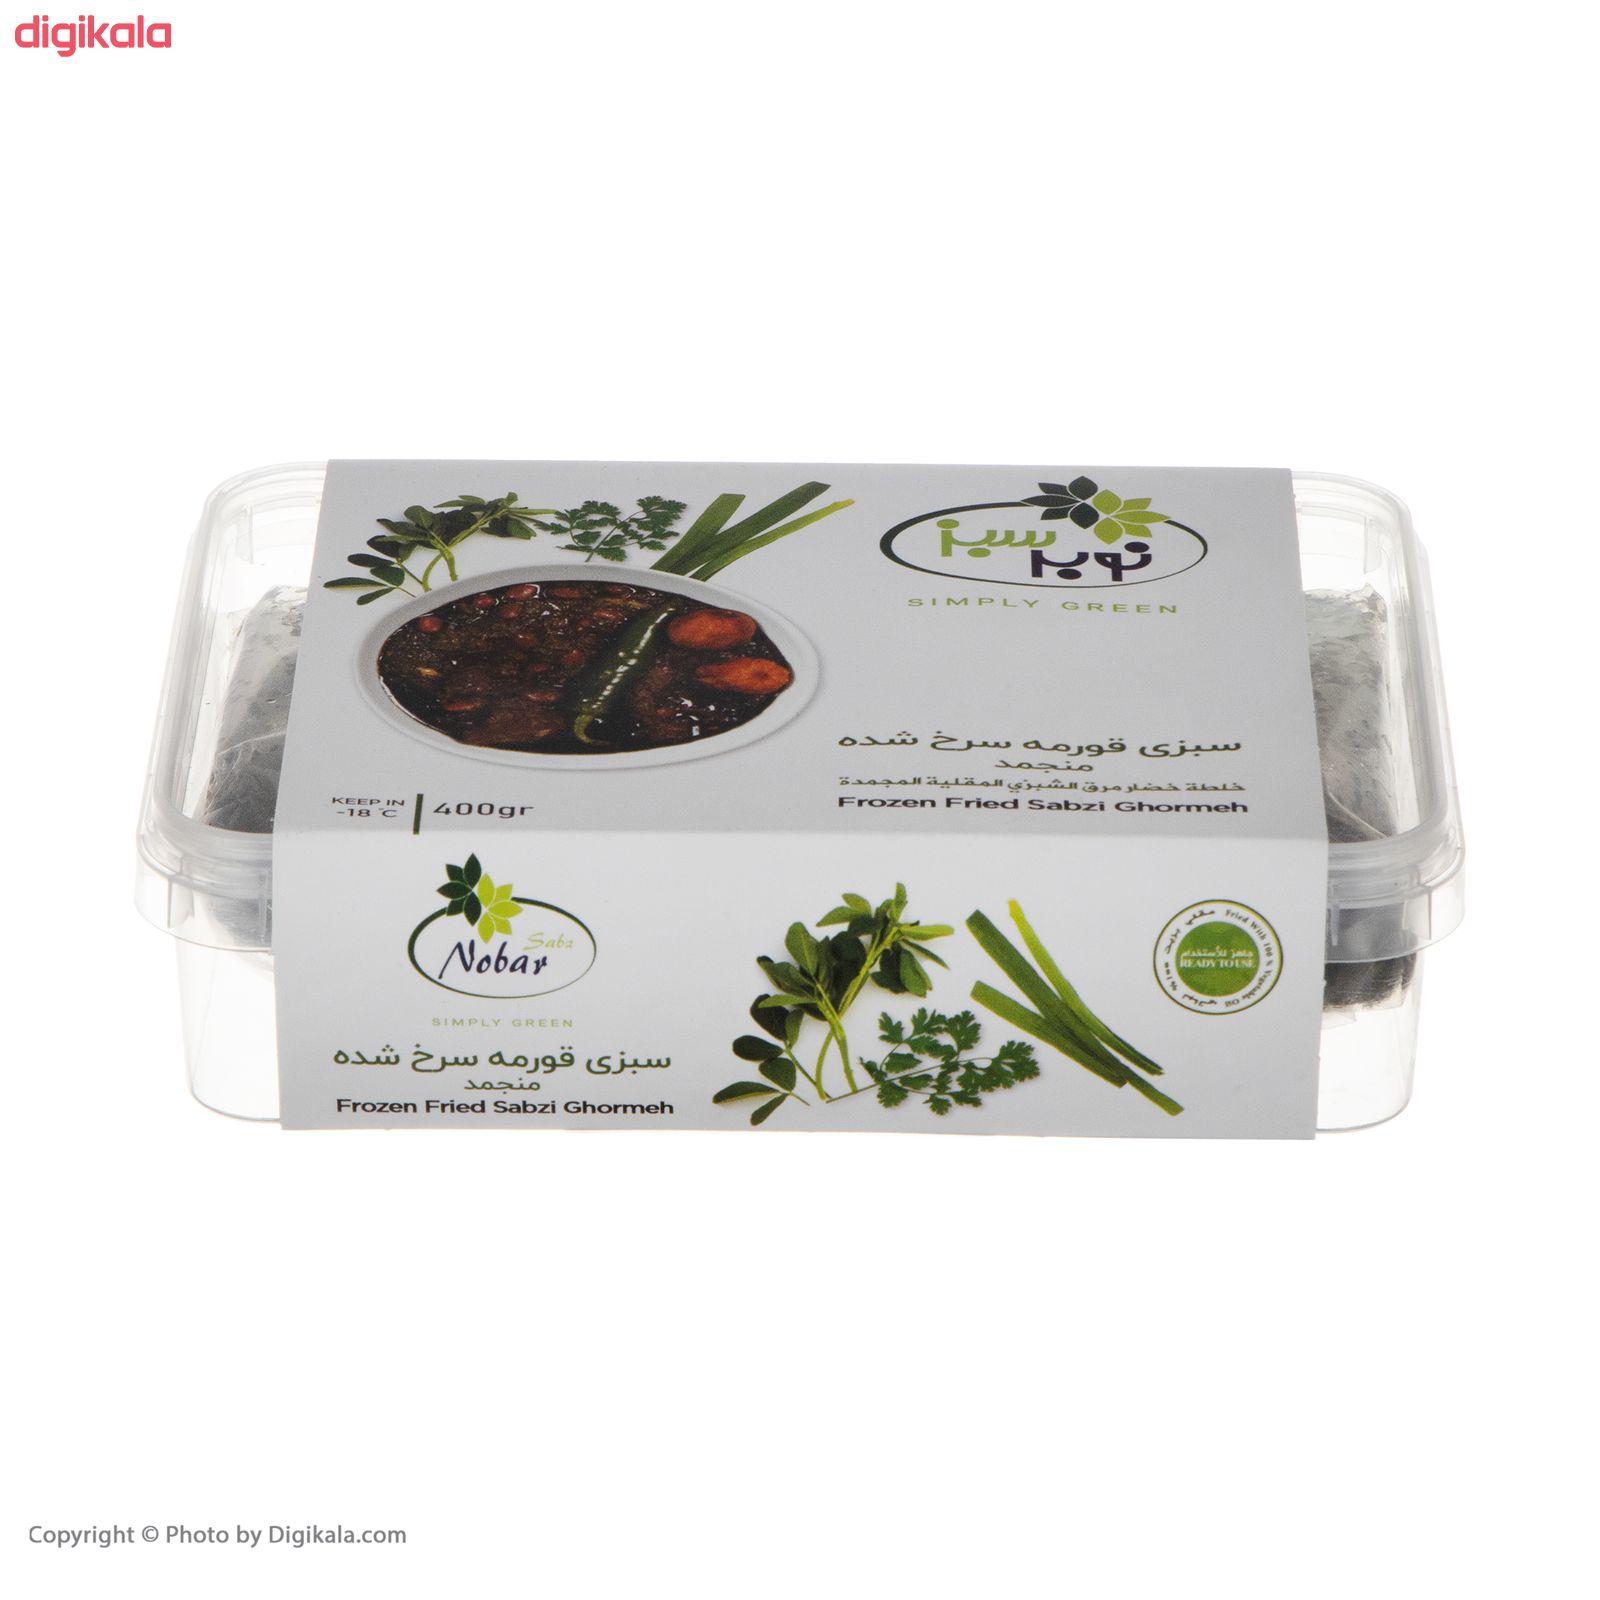 سبزی قورمه سرخ شده منجمد نوبر سبز مقدار 400 گرم main 1 6